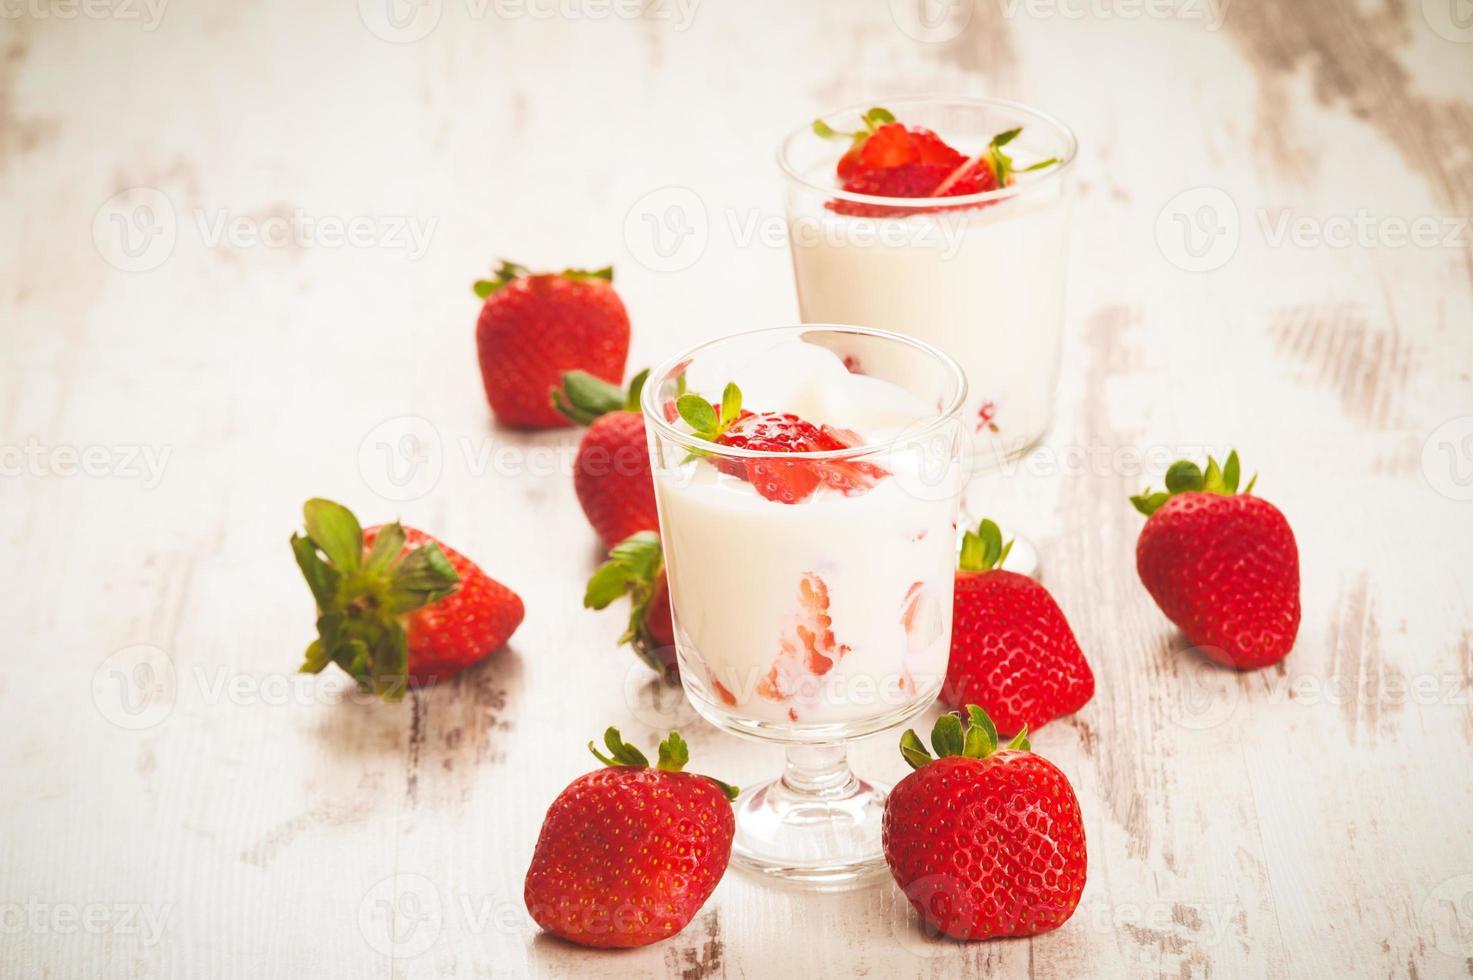 esponjoso y lleno de vitaminas saludables fresas en madera blanca foto